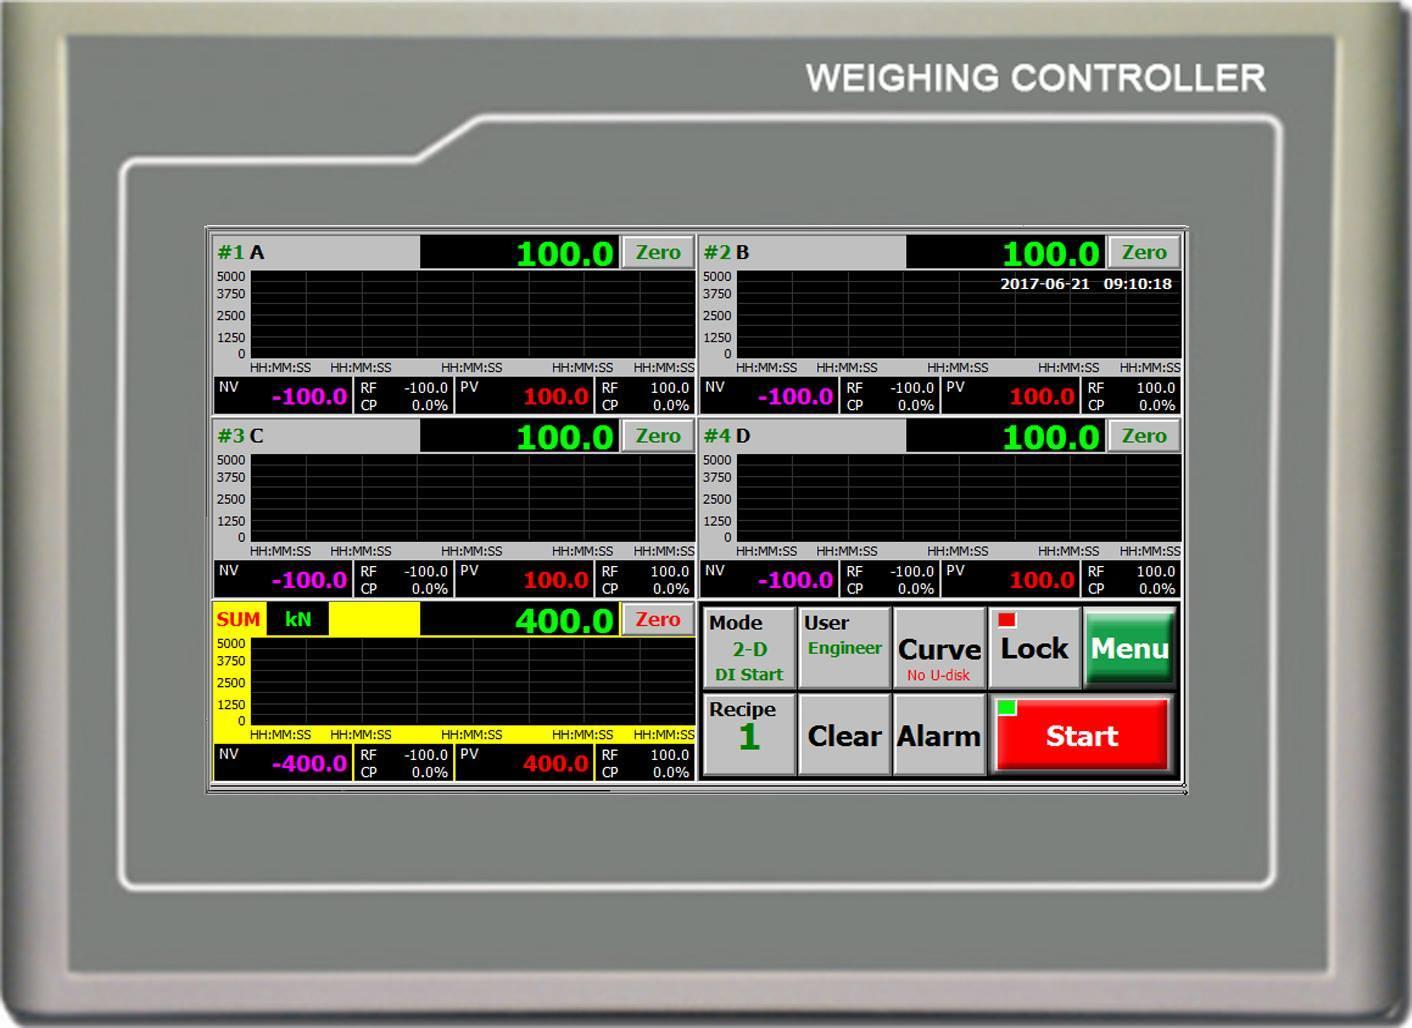 HMI Weighing Controller [ESSM10]